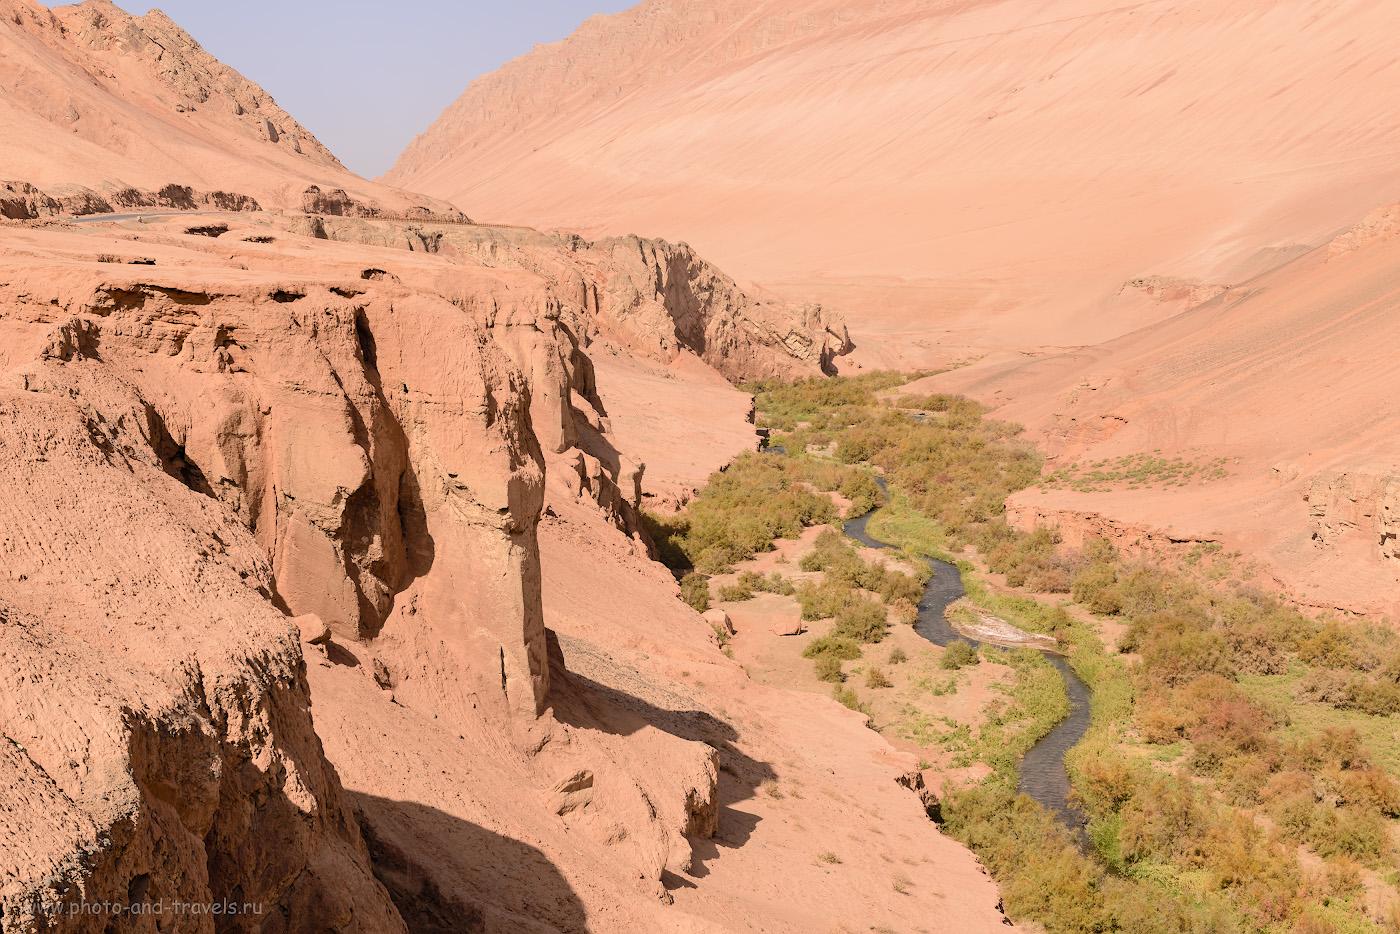 Фото 23. Ущелье Мутоу в Пылающих горах. Там за поворотом – пещеры тысячи Будд Безеклик. 1/250, +0.67, 8.0, 100, 50.